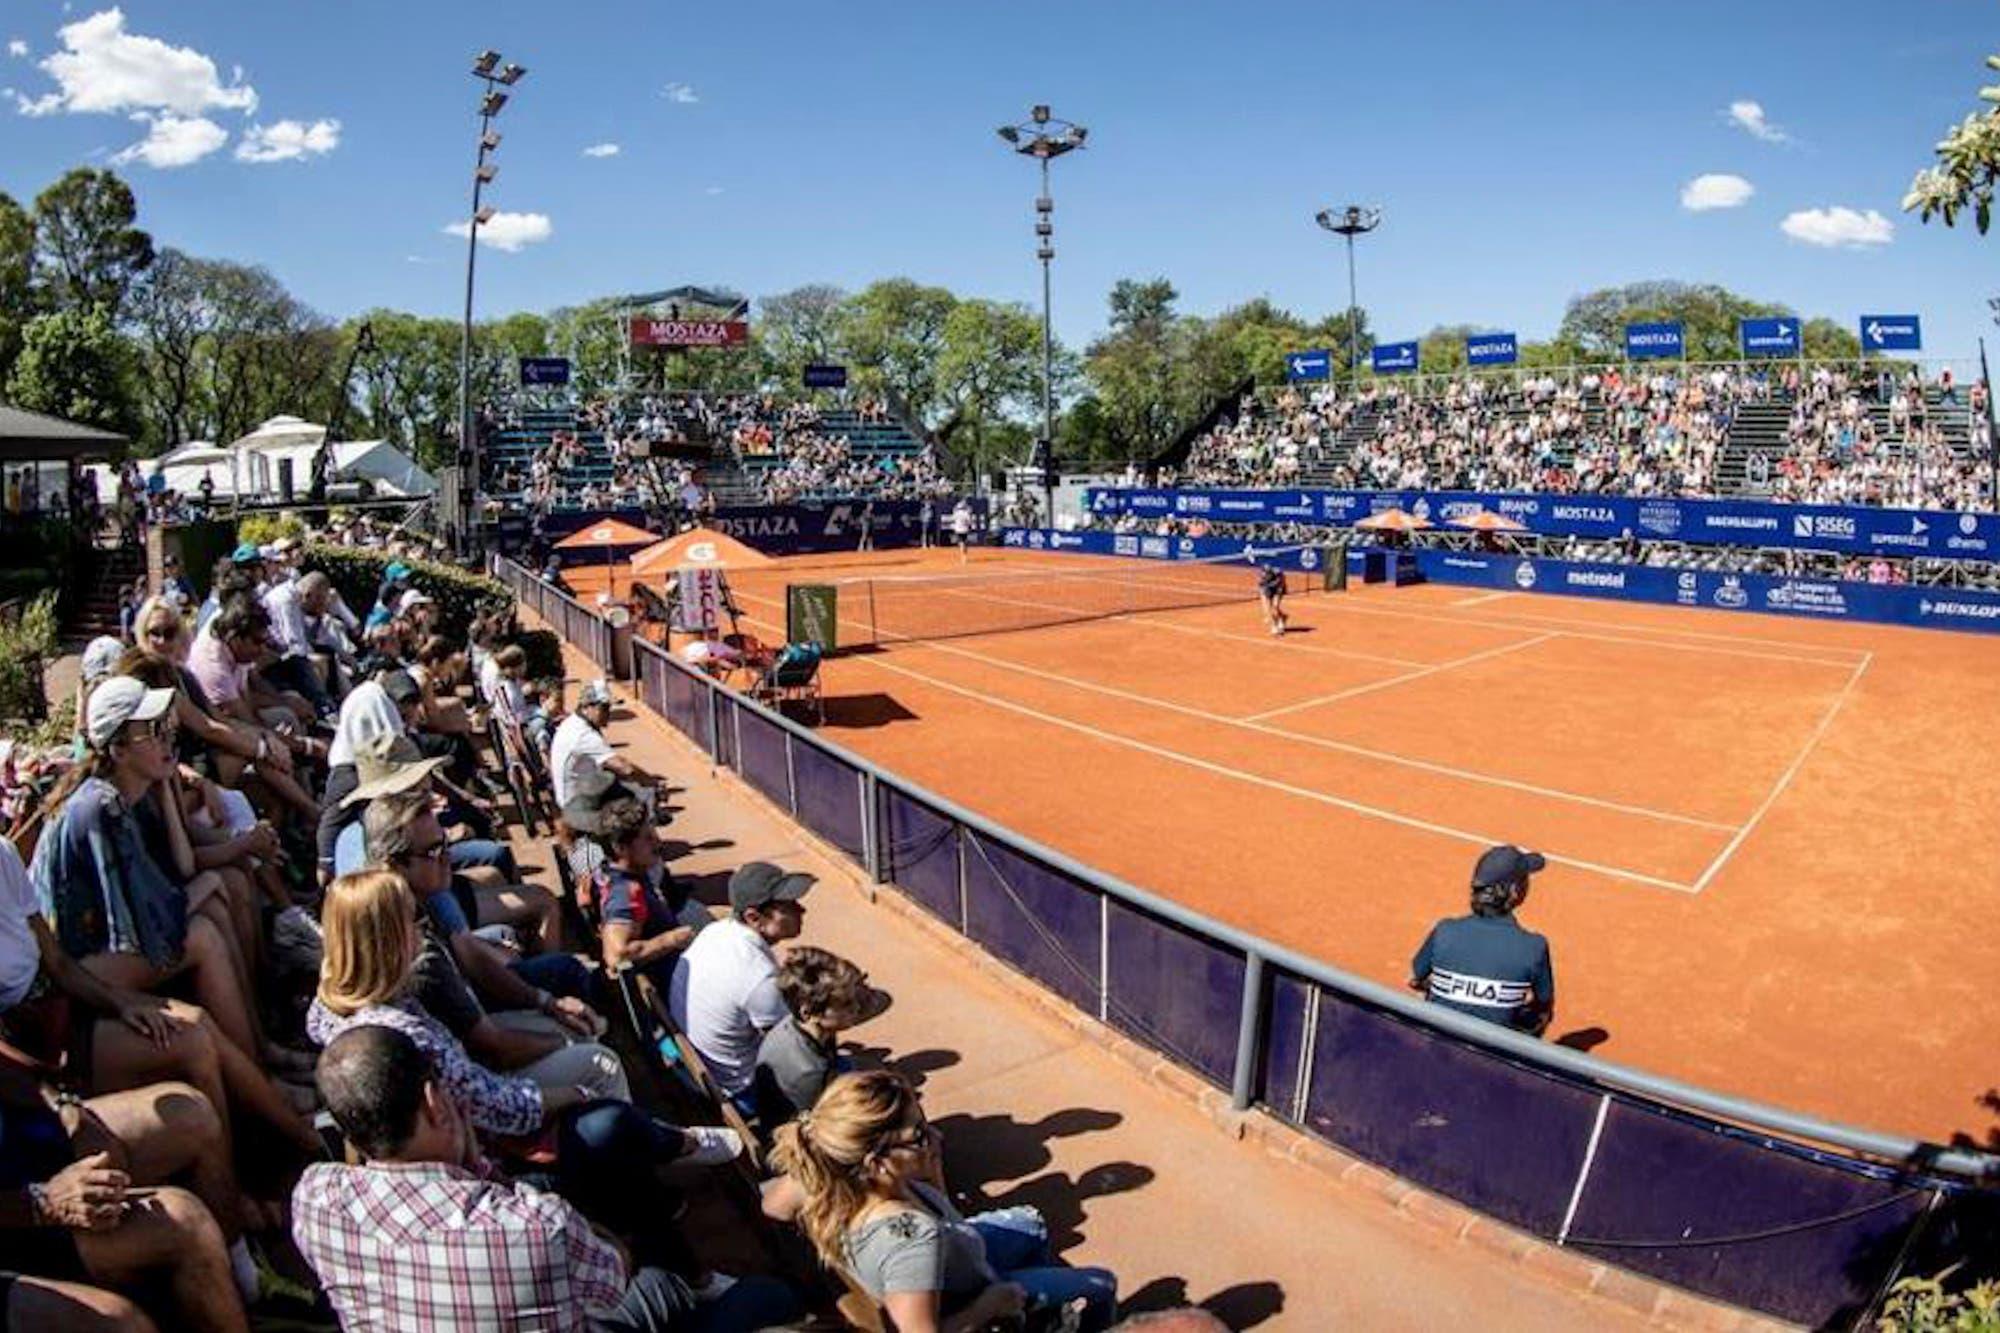 Con tres campeones de Copa Davis, vuelve el tenis a Palermo